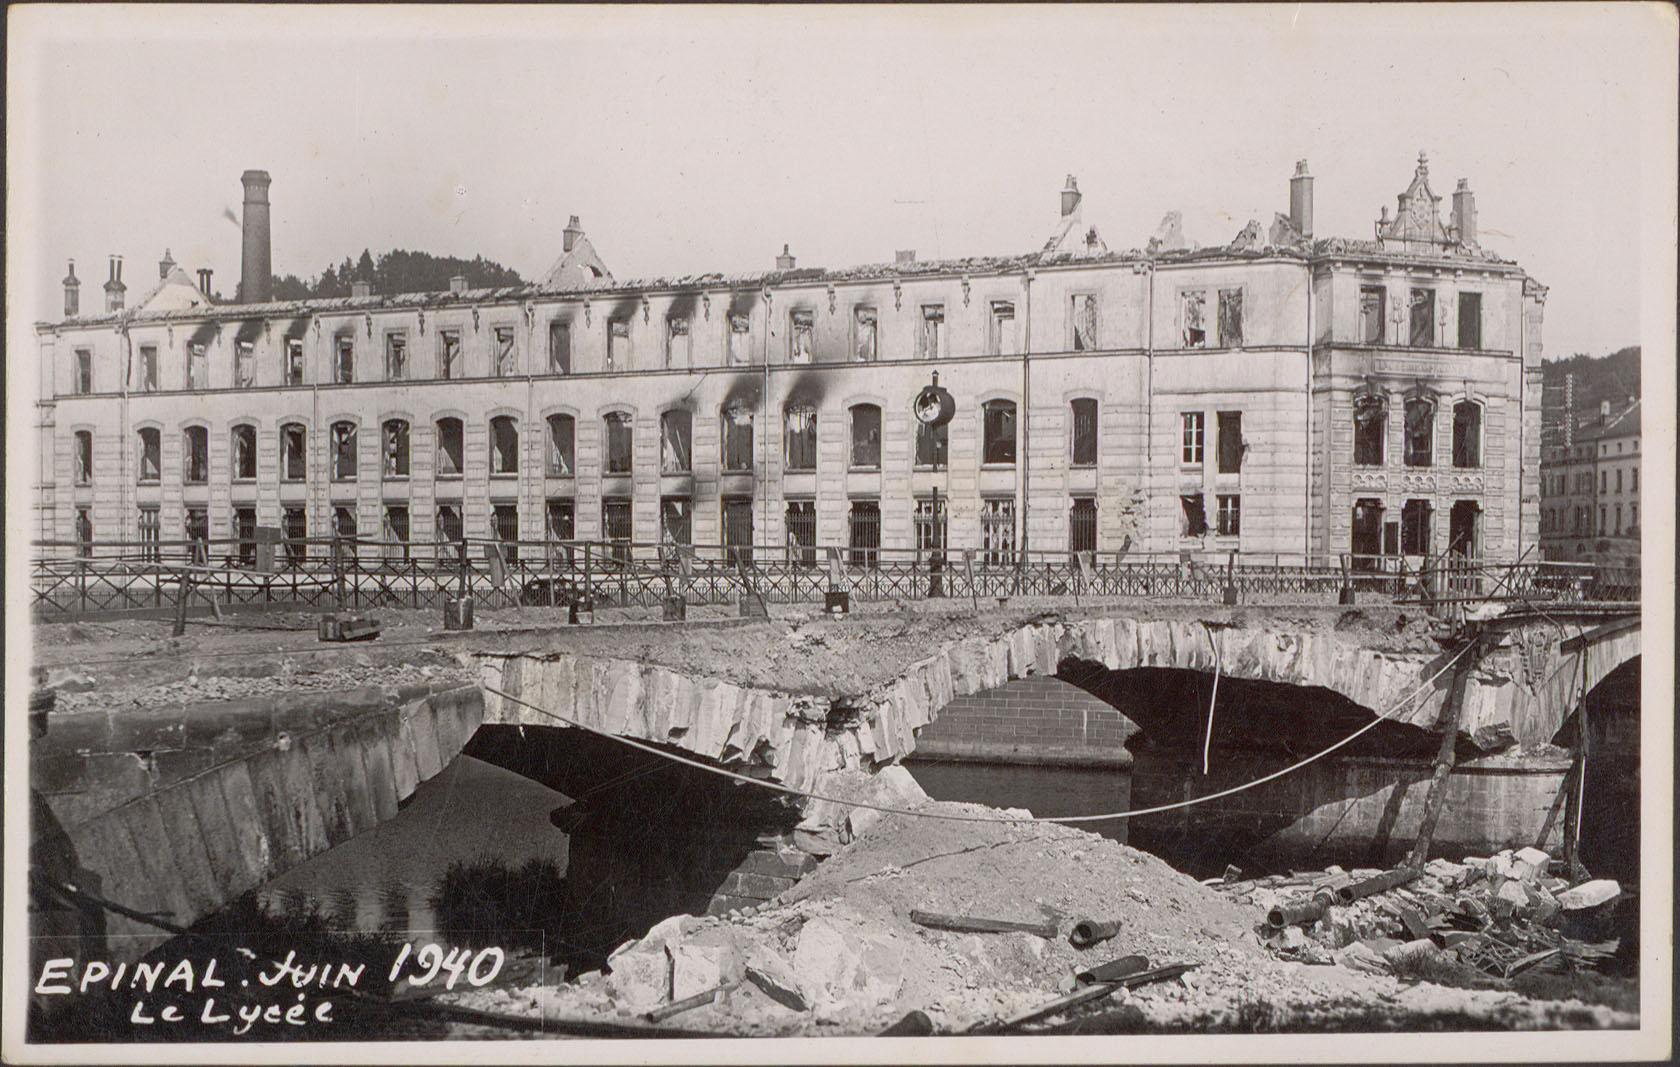 Contenu du Épinal, Juin 1940, Le Lycée